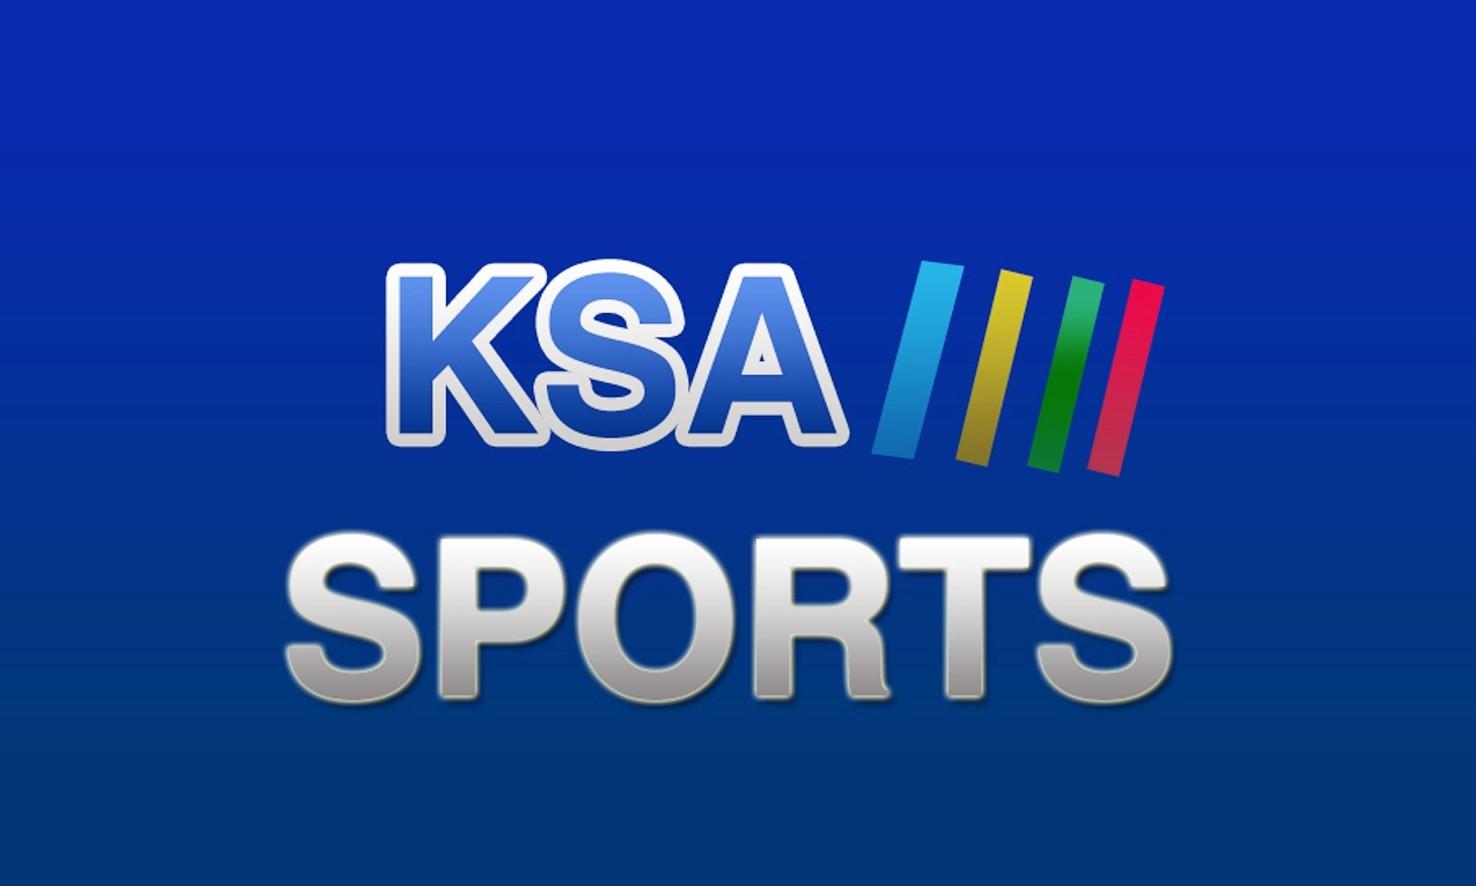 تردد قناة KSA SPORTS الرياضية السعودية 2021